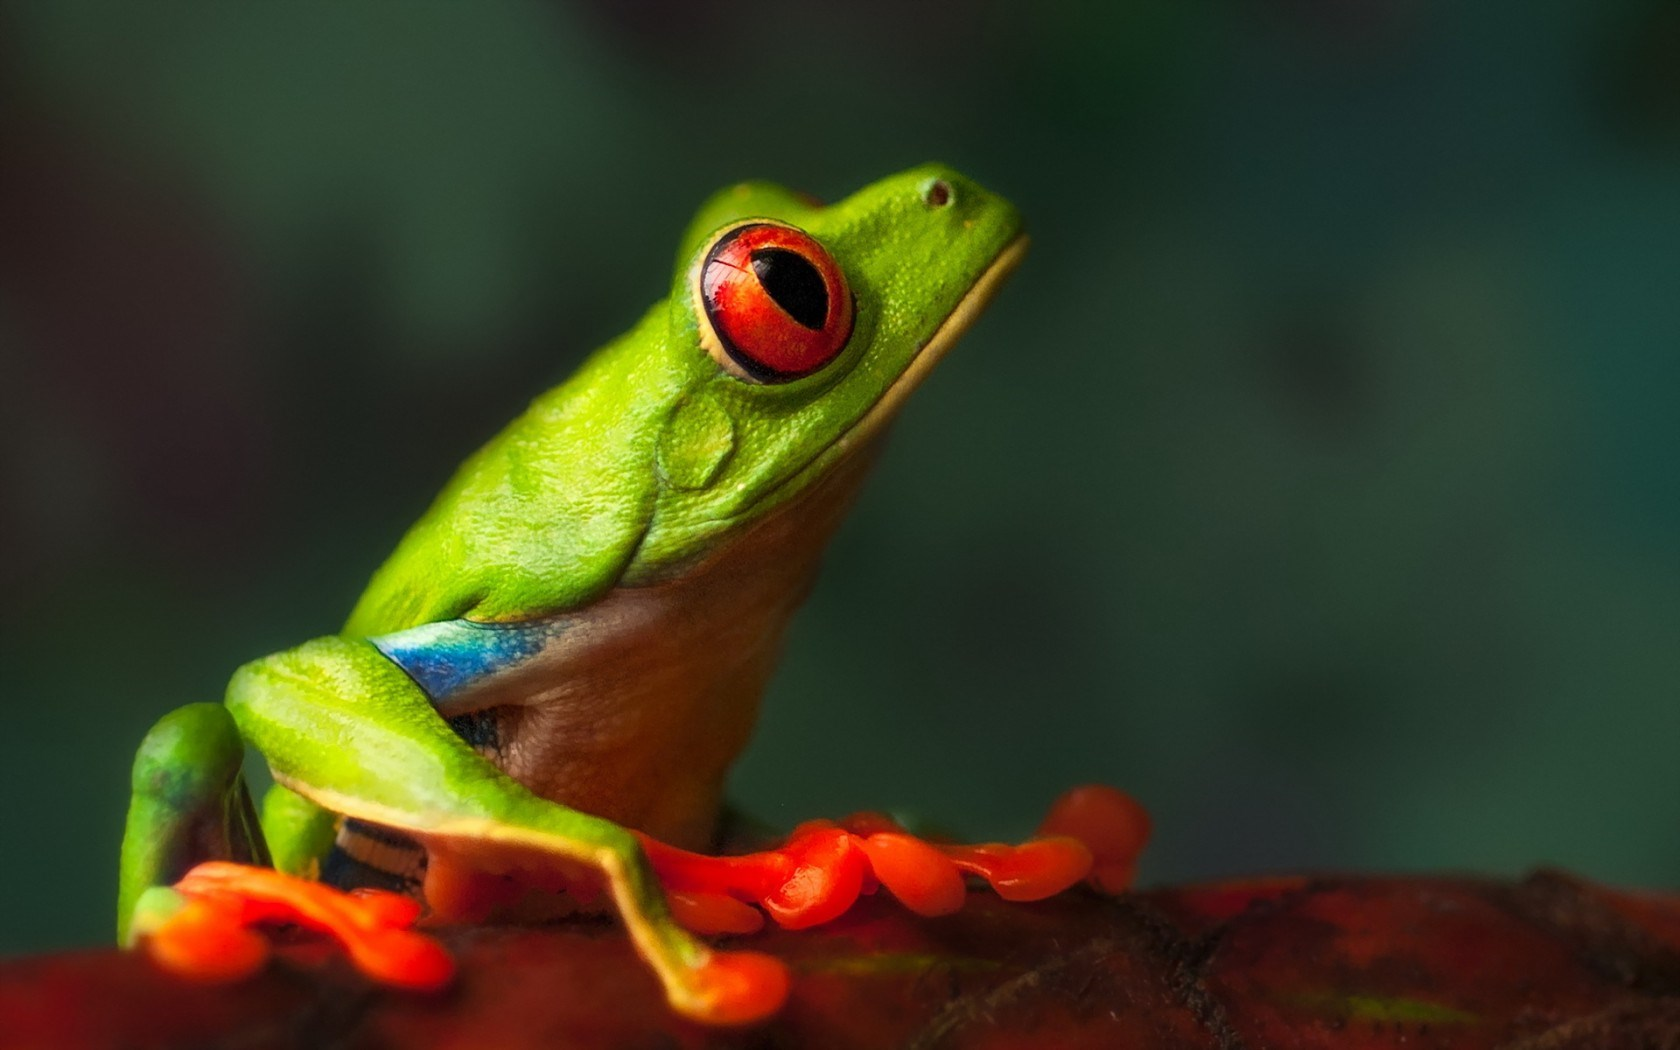 Frog Close-Up Macro